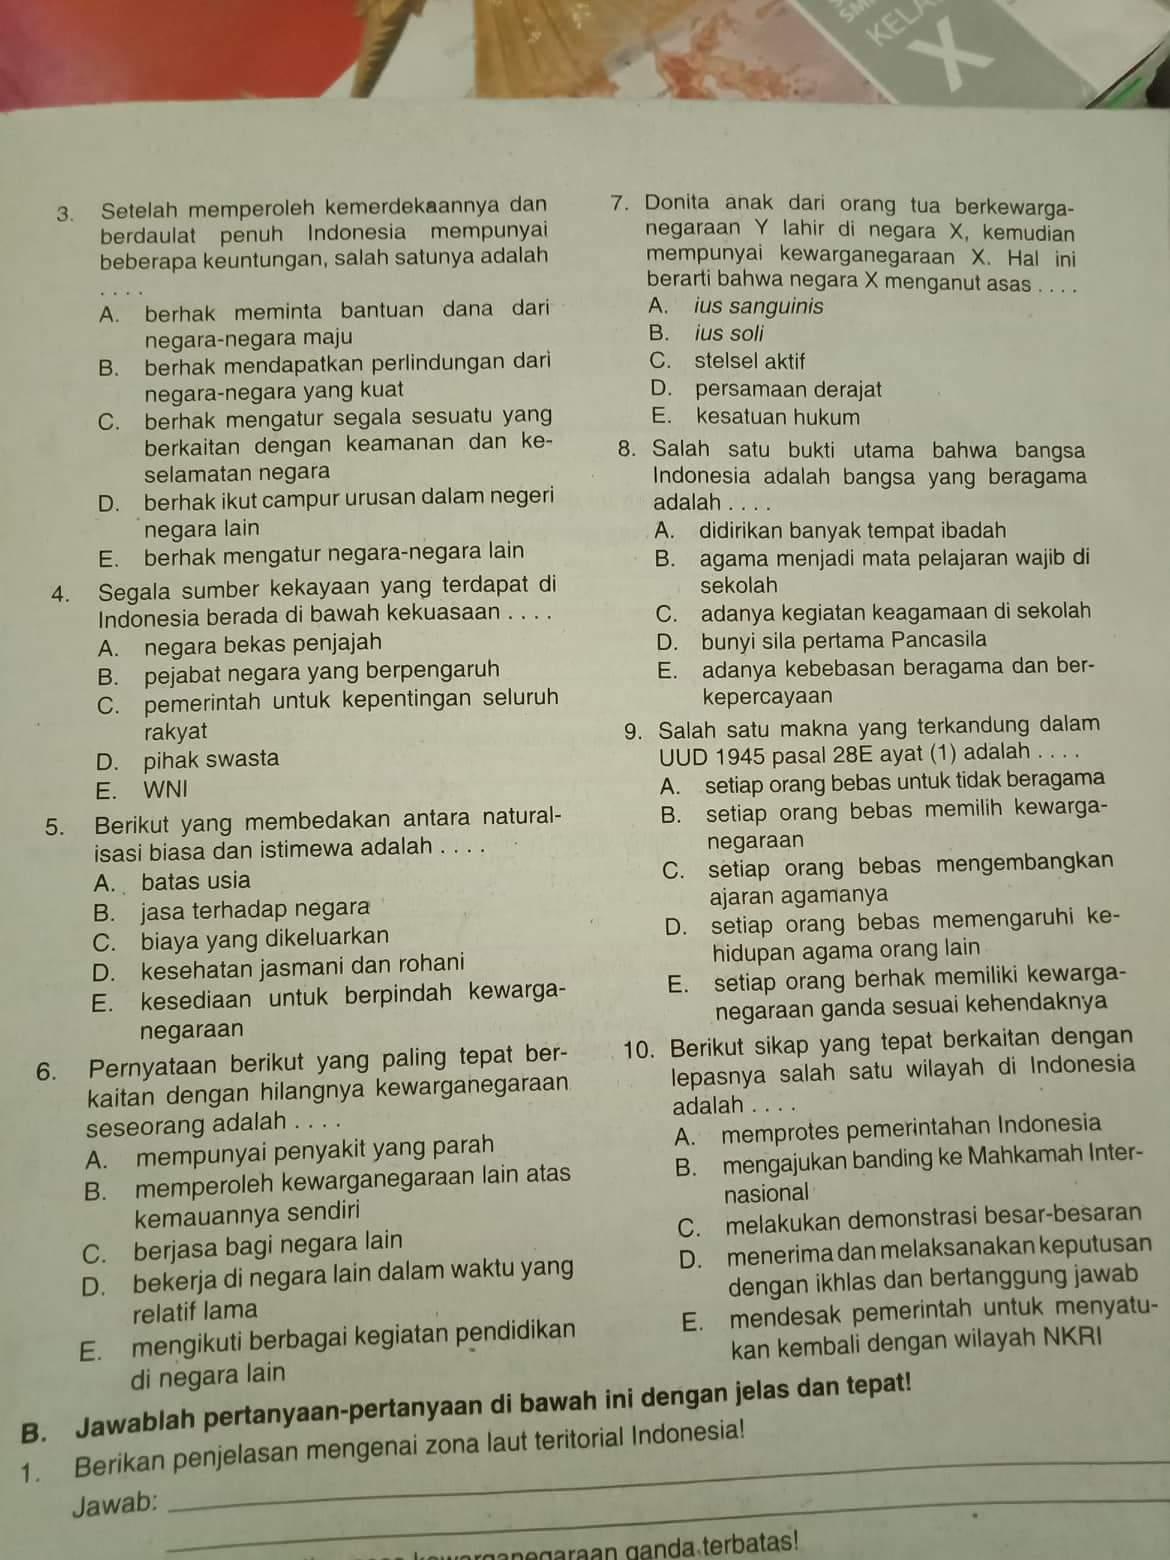 Pembahasan Soal Pkn Kelas 10